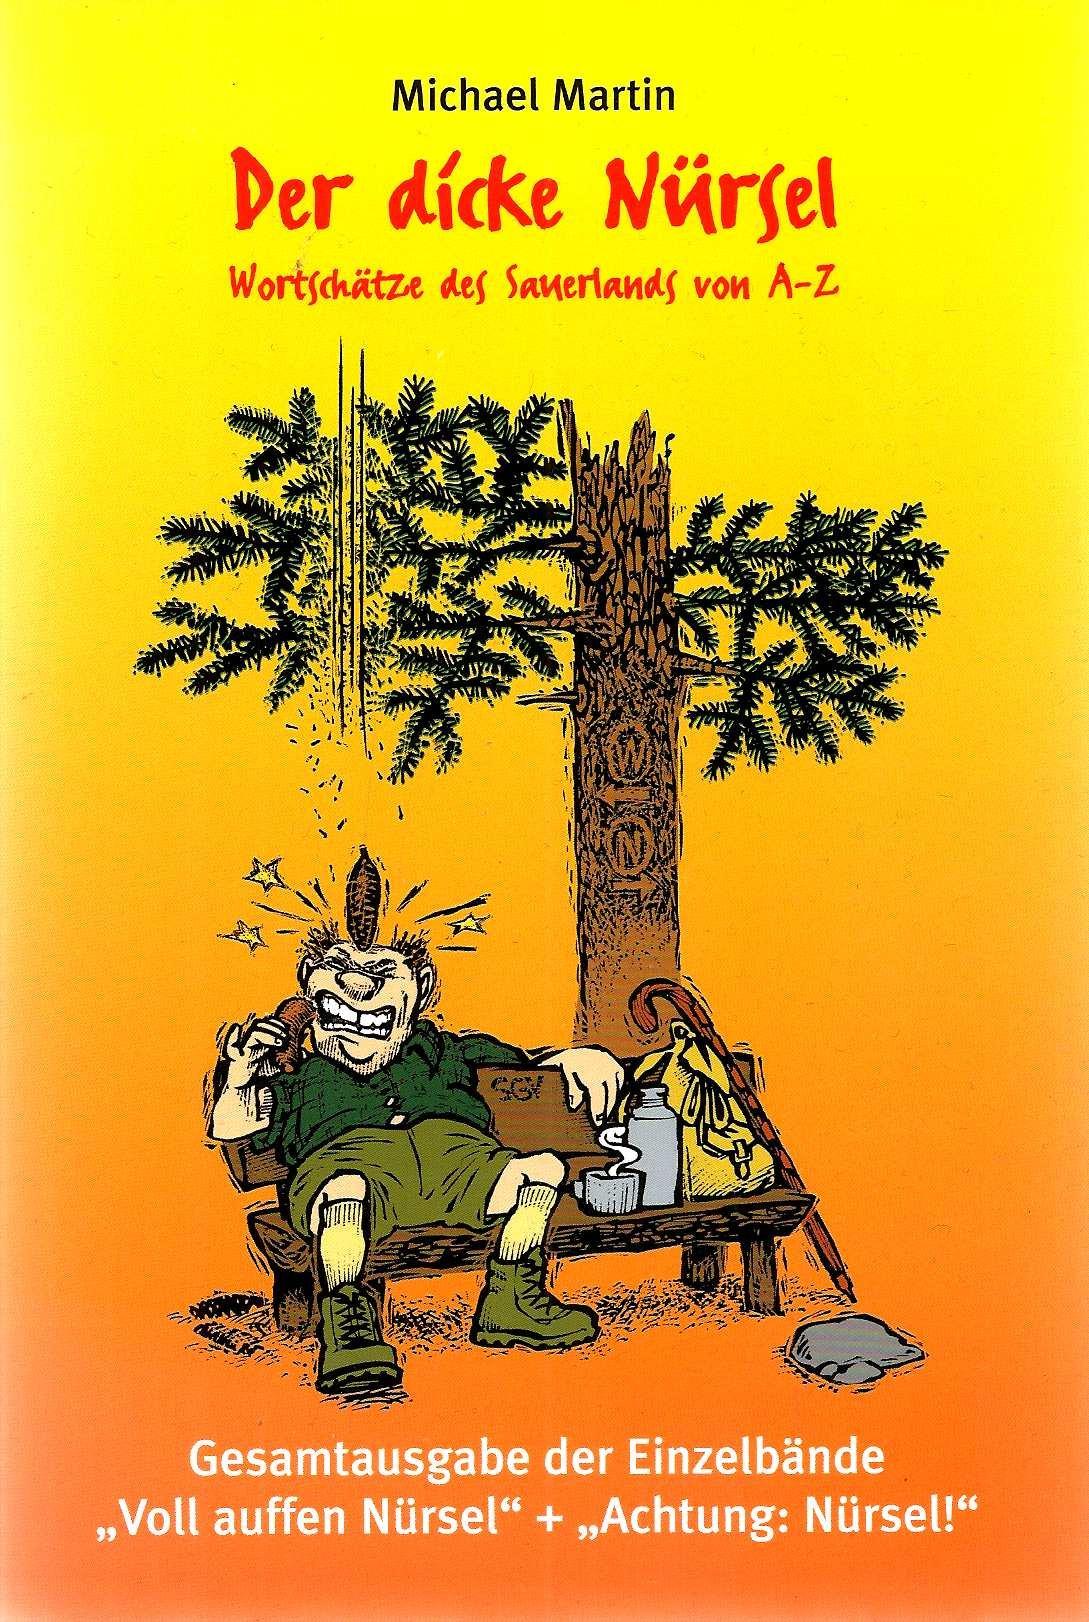 Der dicke Nürsel: Wortschätze des Sauerlandes A-Z